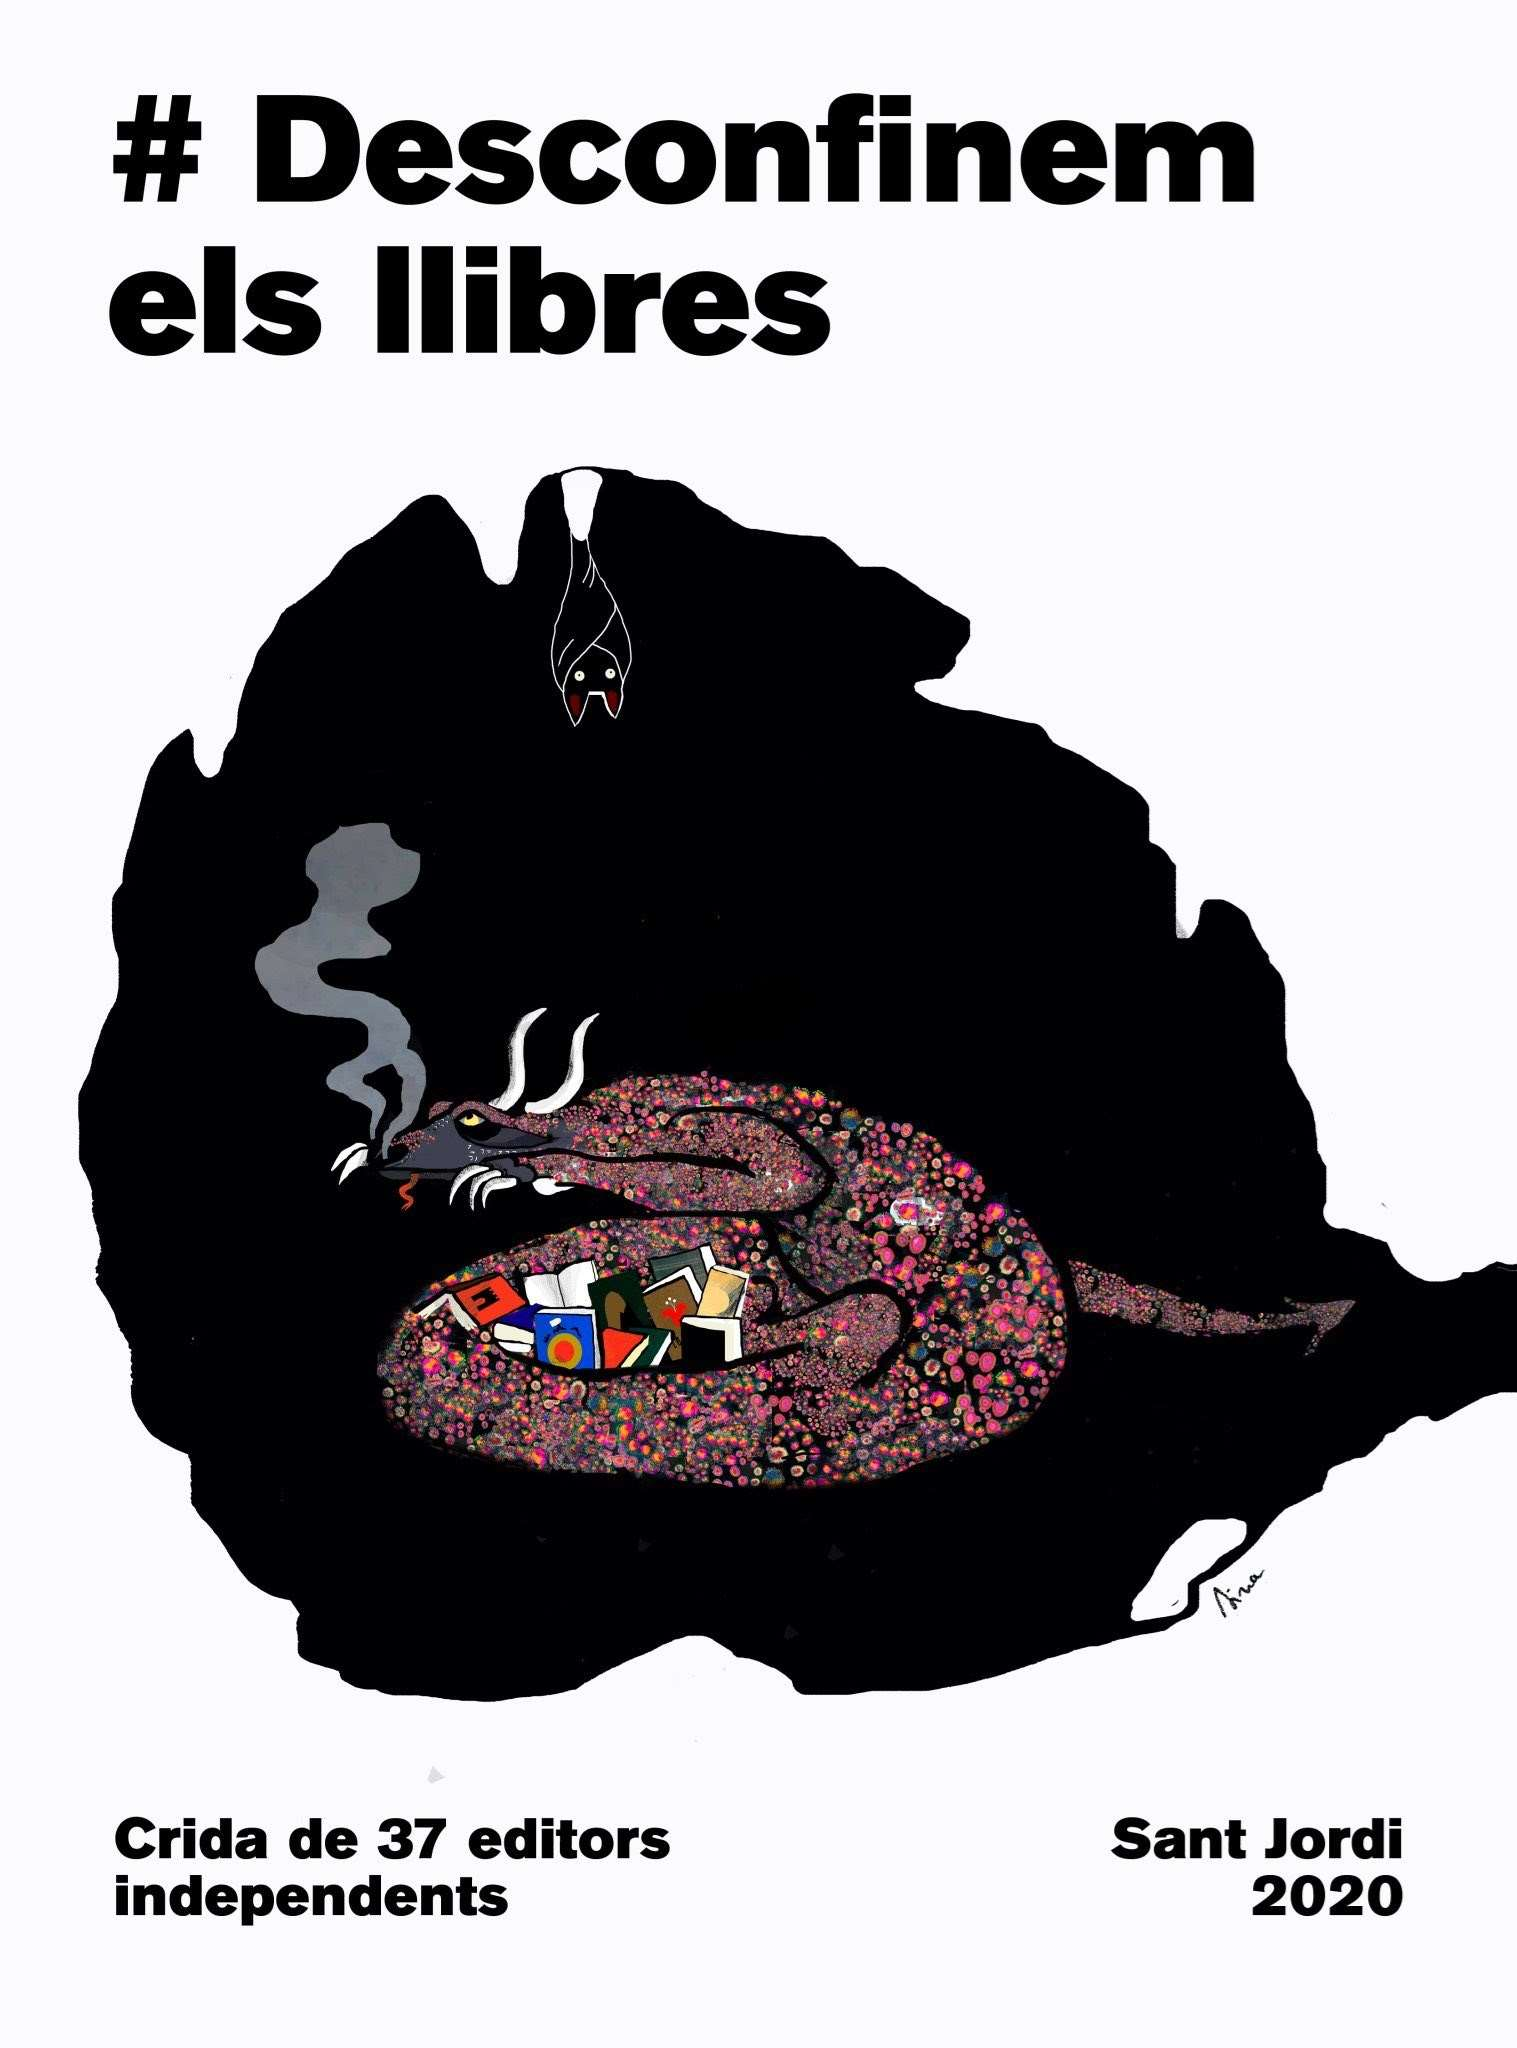 Desconfinem els llibres